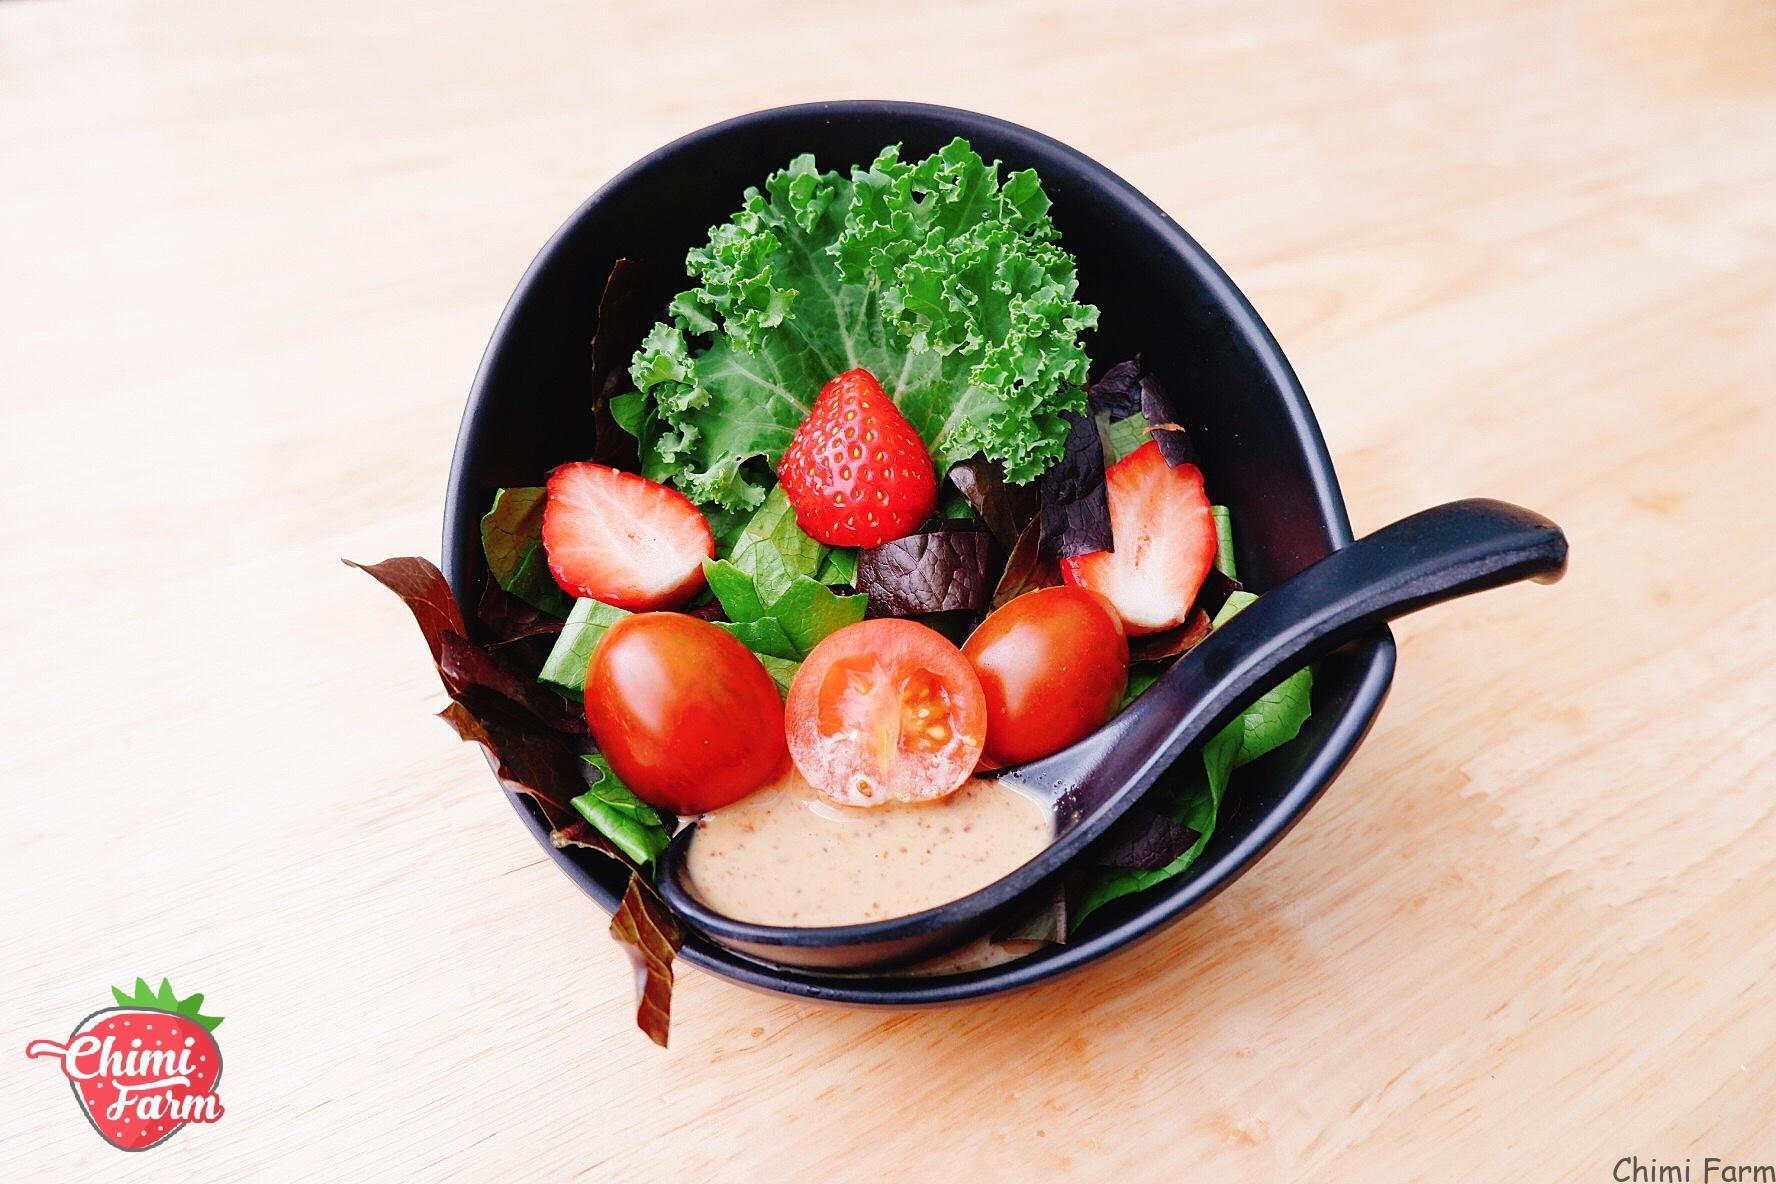 Rau cải kale làm salad giúp đẹp da, giữ dáng cho các chị em